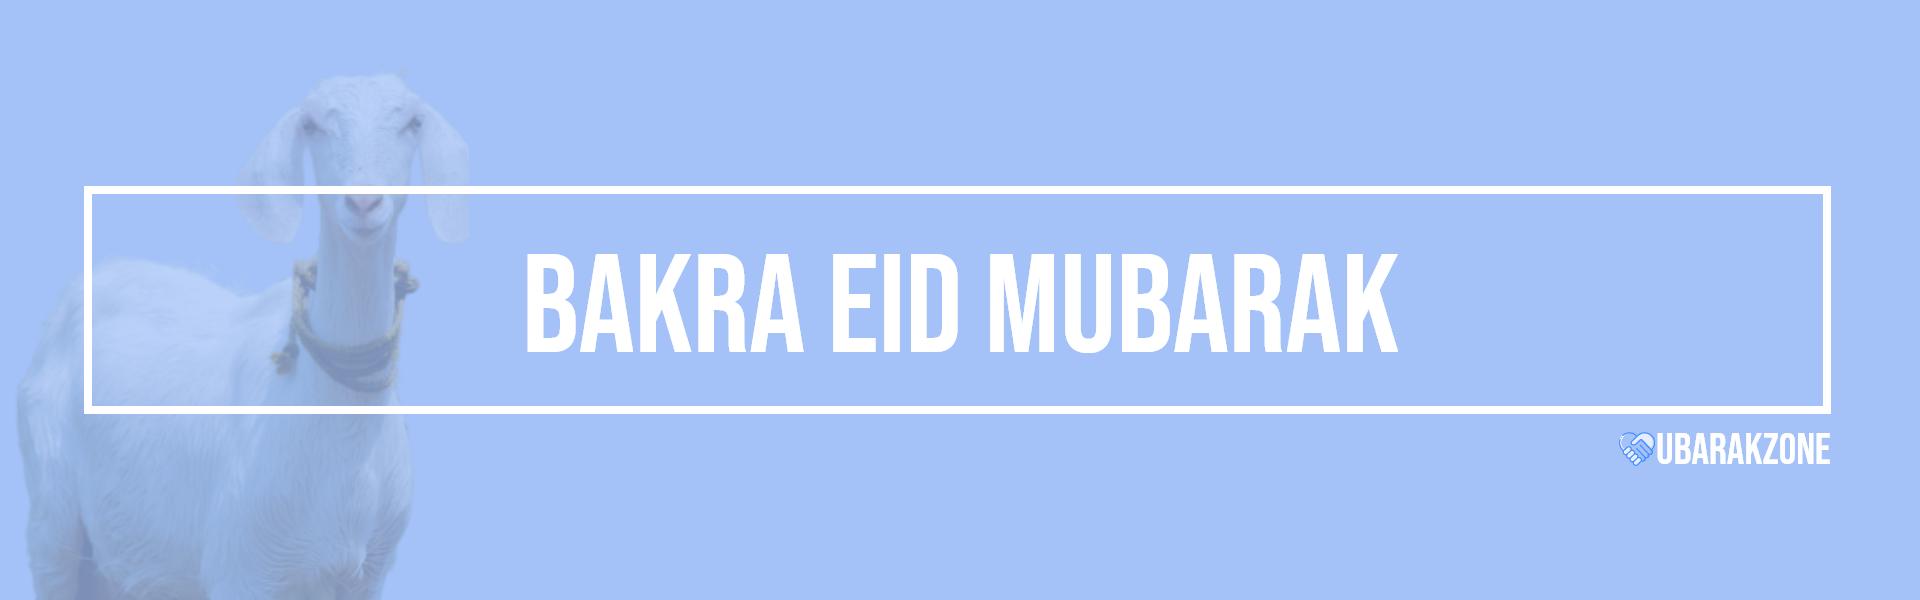 bakra eid Mubarak wishes messages